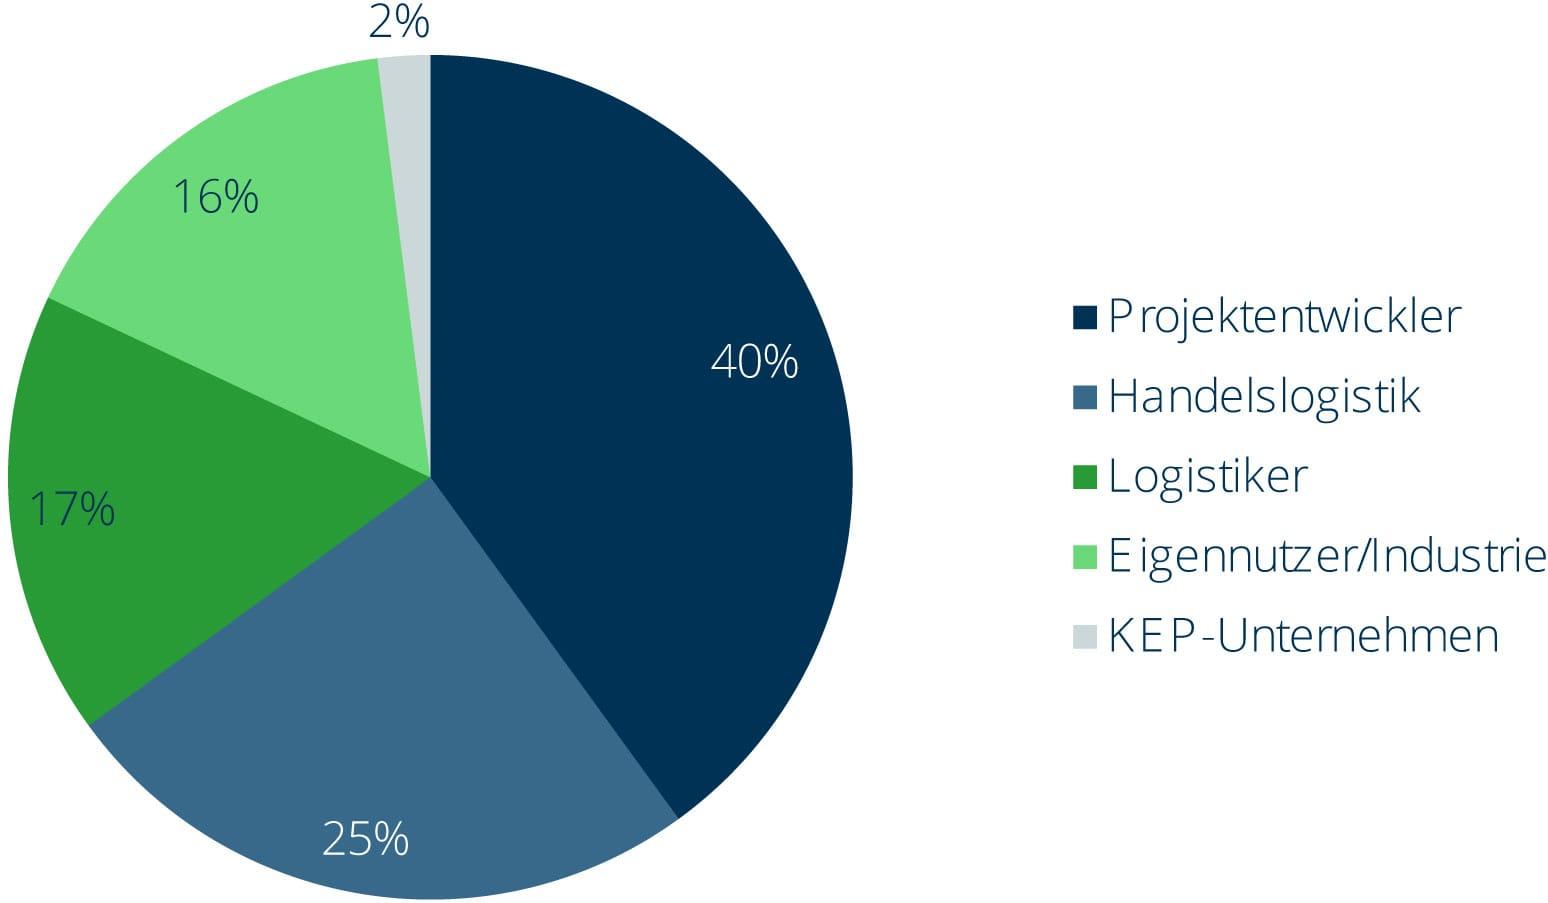 Errichtete Neubaulogistikfläche in Deutschland | GARBE IRE